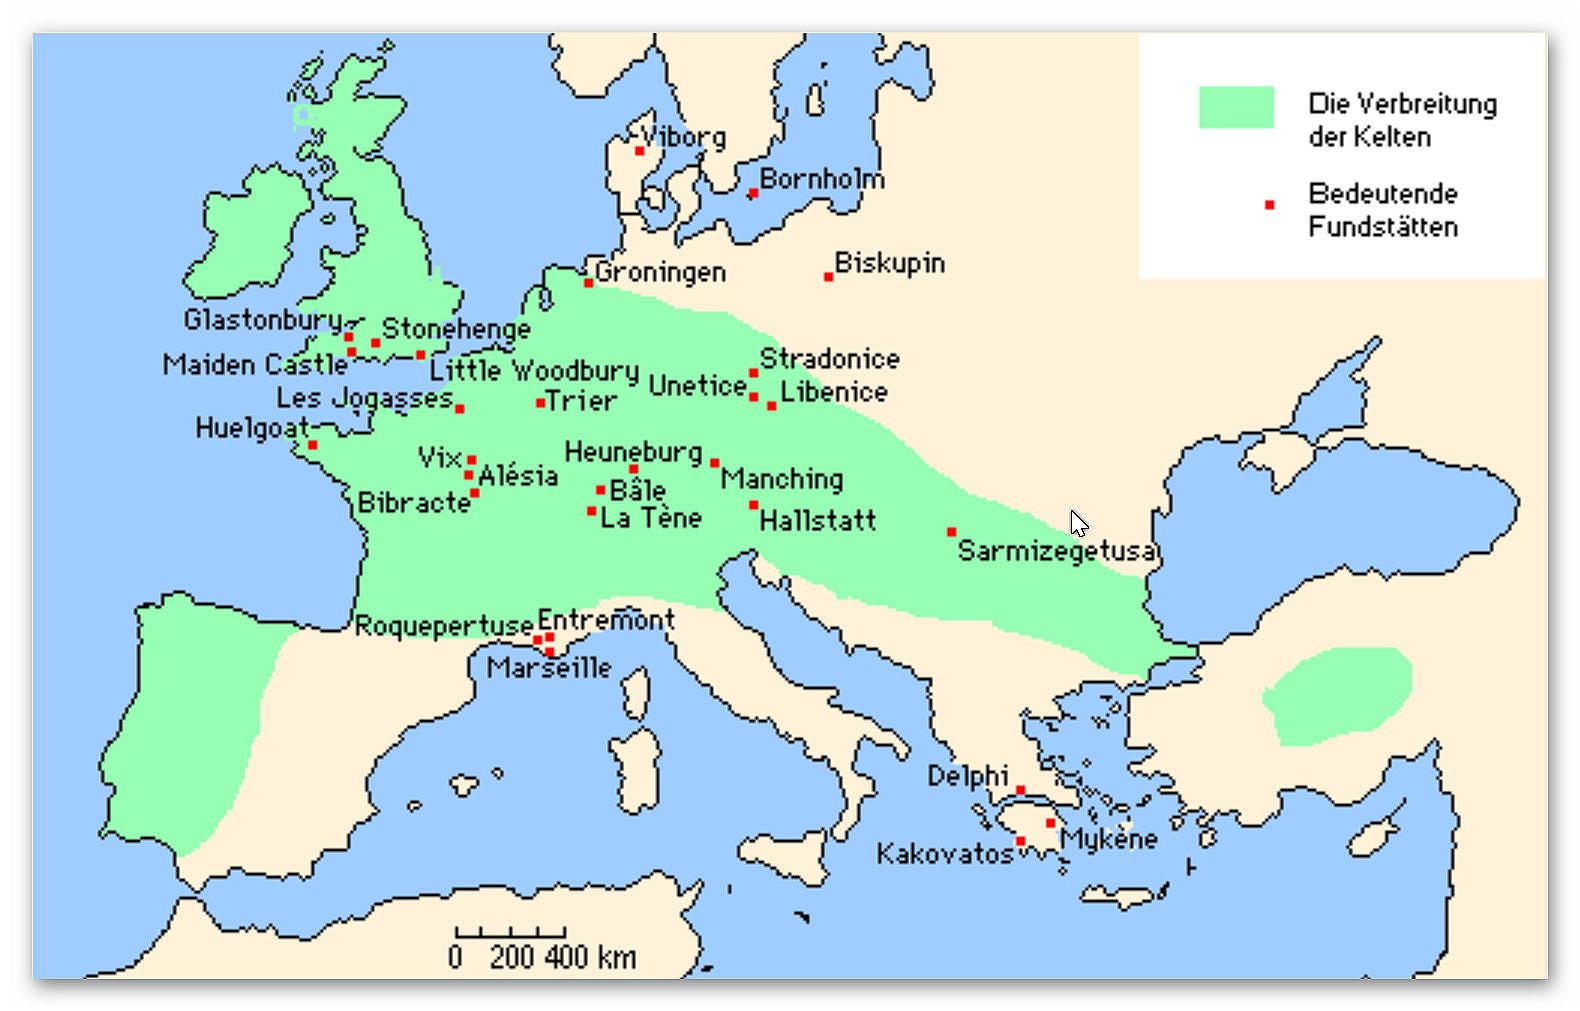 Verbreitung der Kelten